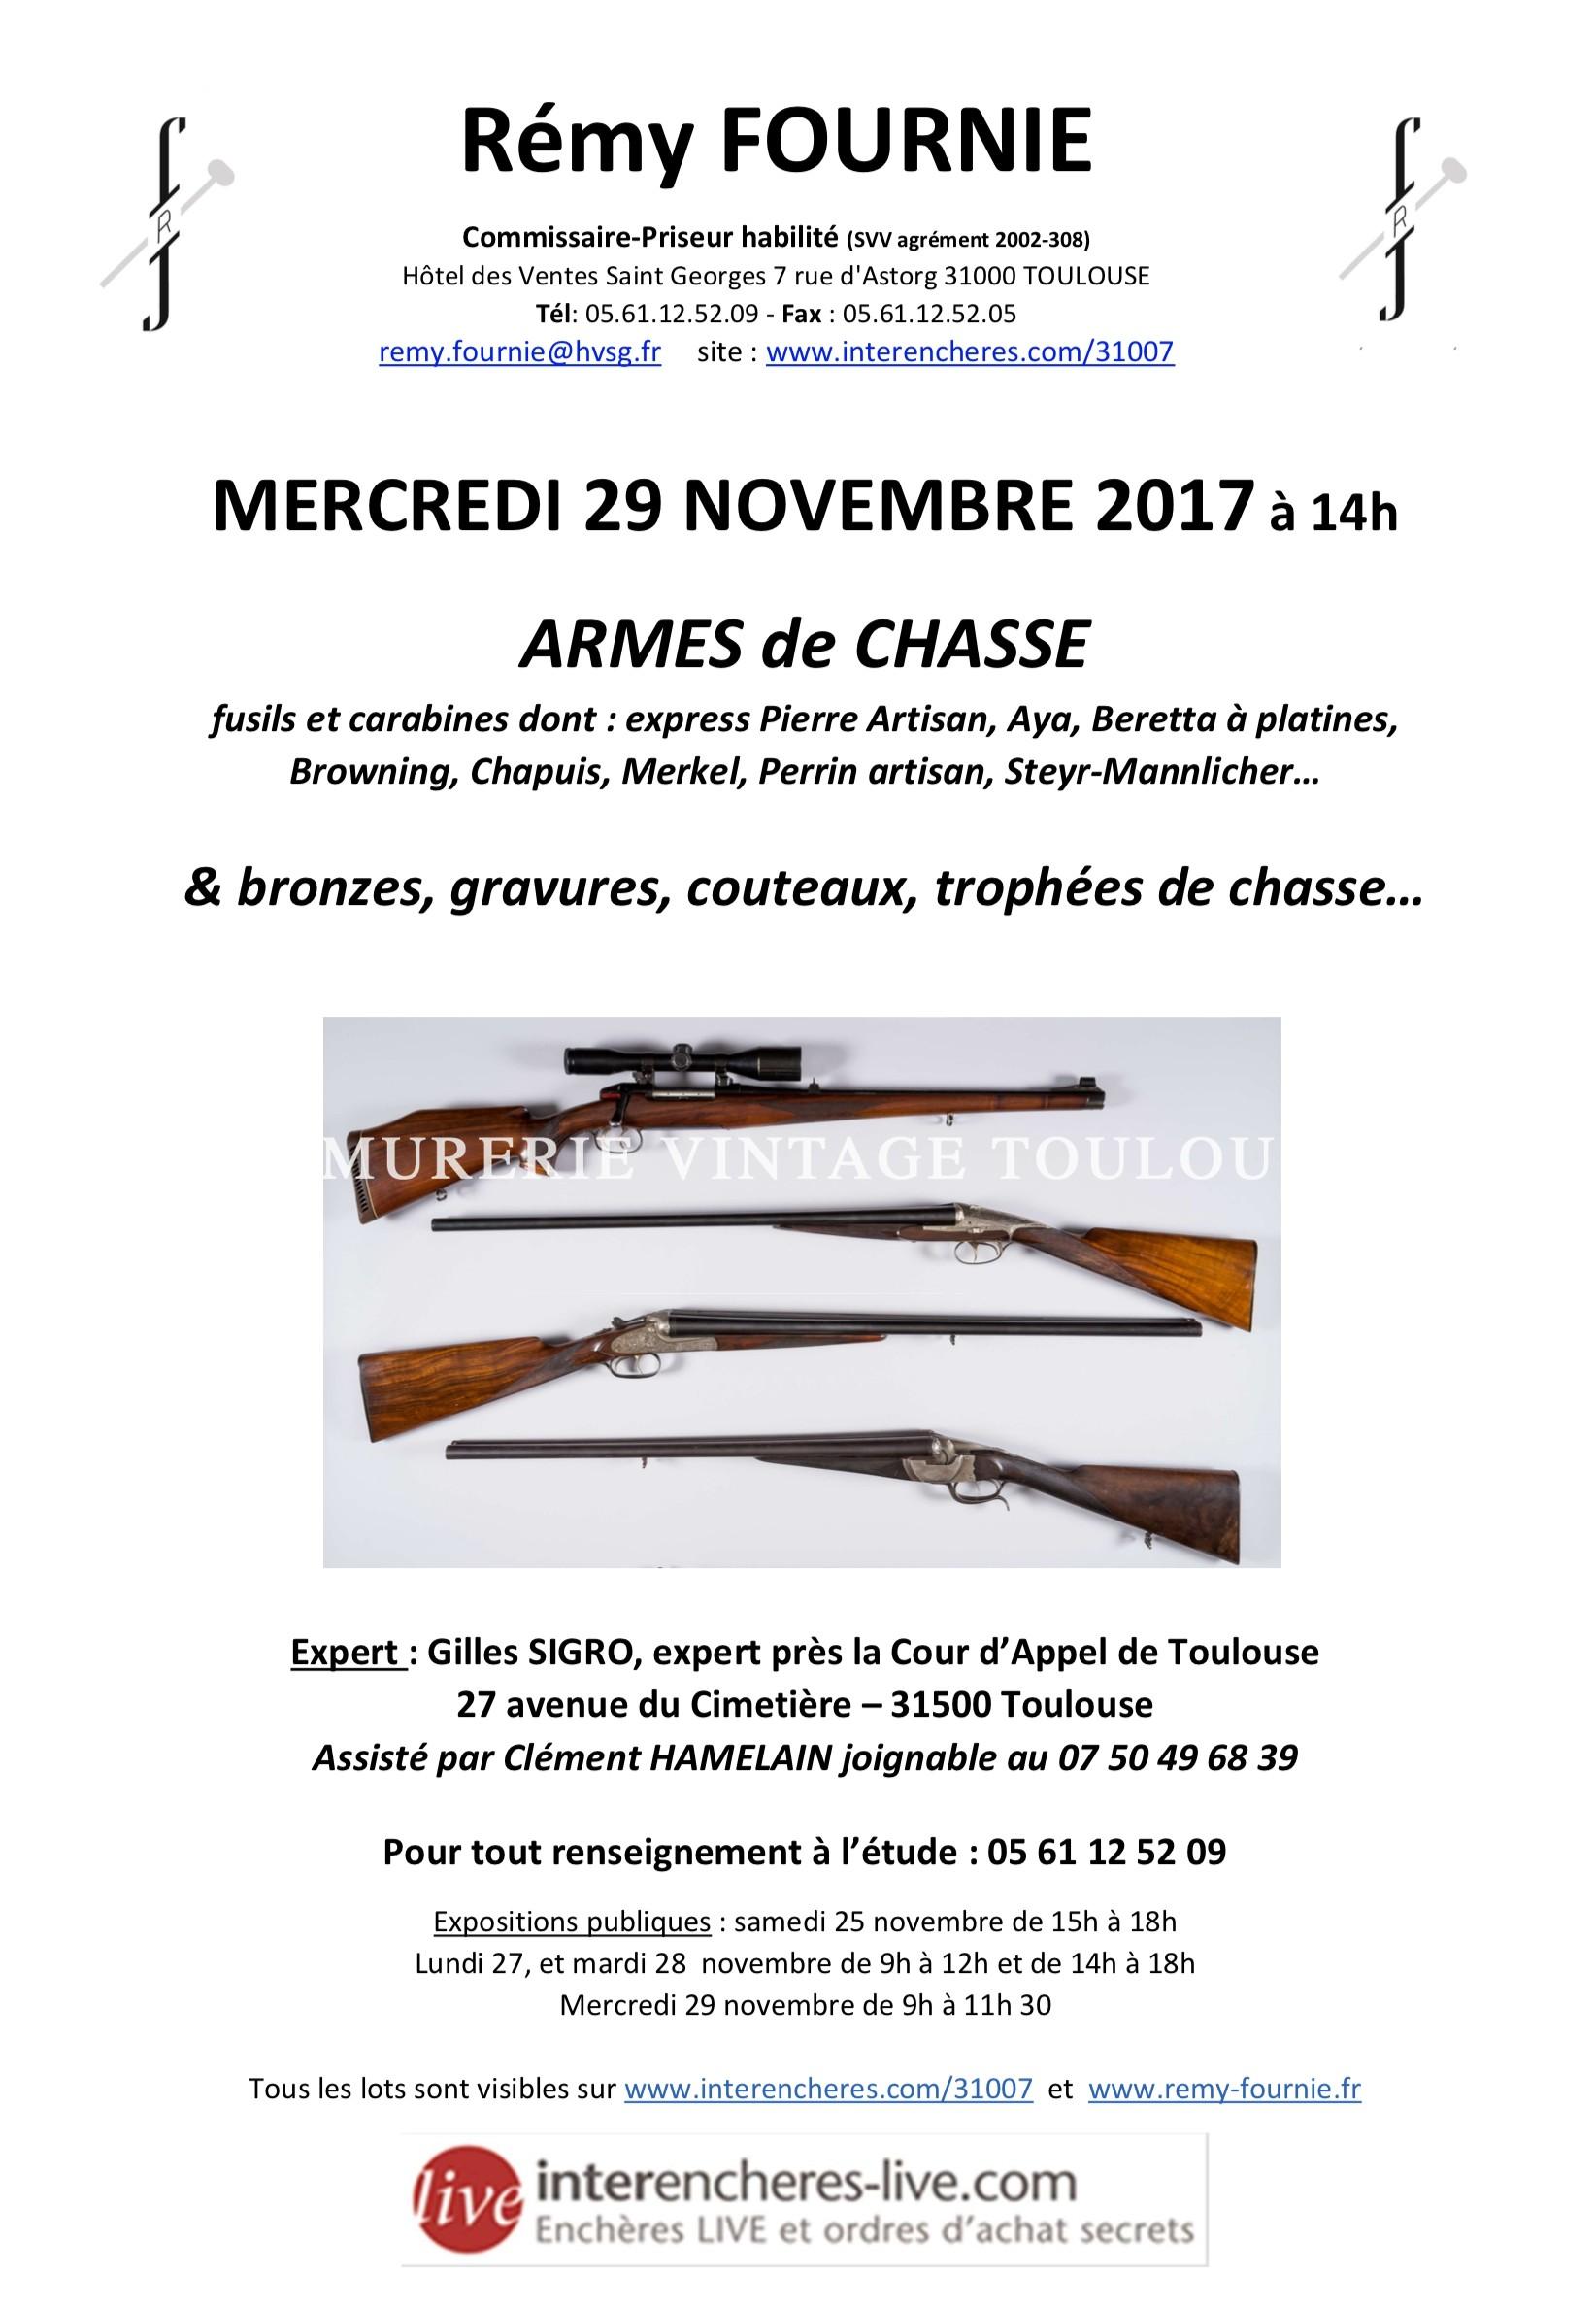 Vente aux enchères  chez maître Remy Fournié le 29 novembre 2017